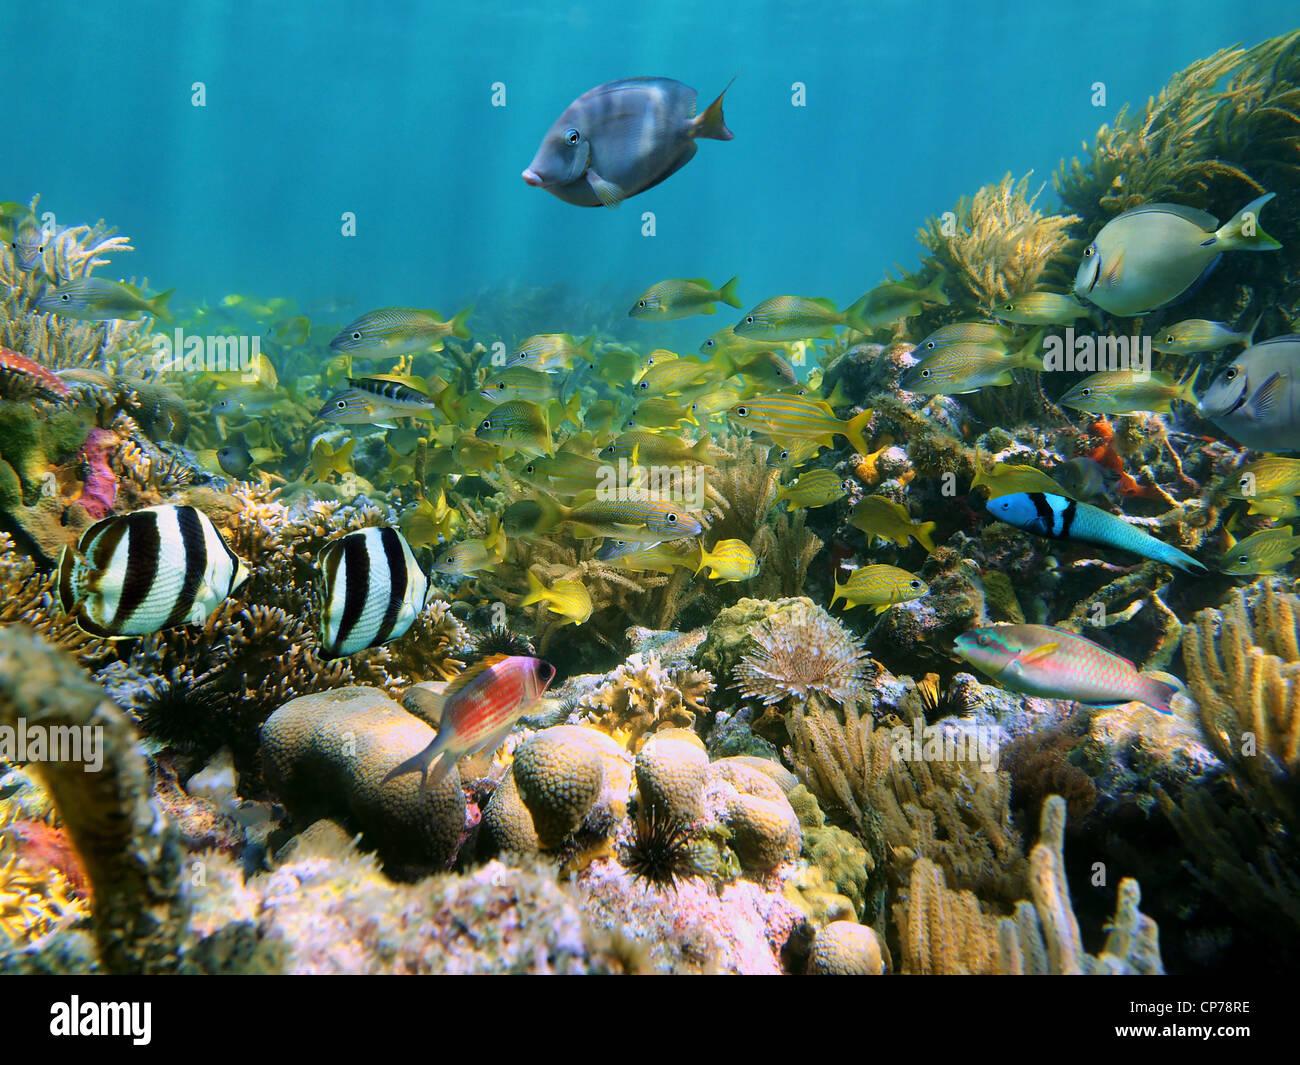 Arrecifes de coral con la escuela de coloridos peces tropicales bajo el agua, en el mar Caribe Foto de stock